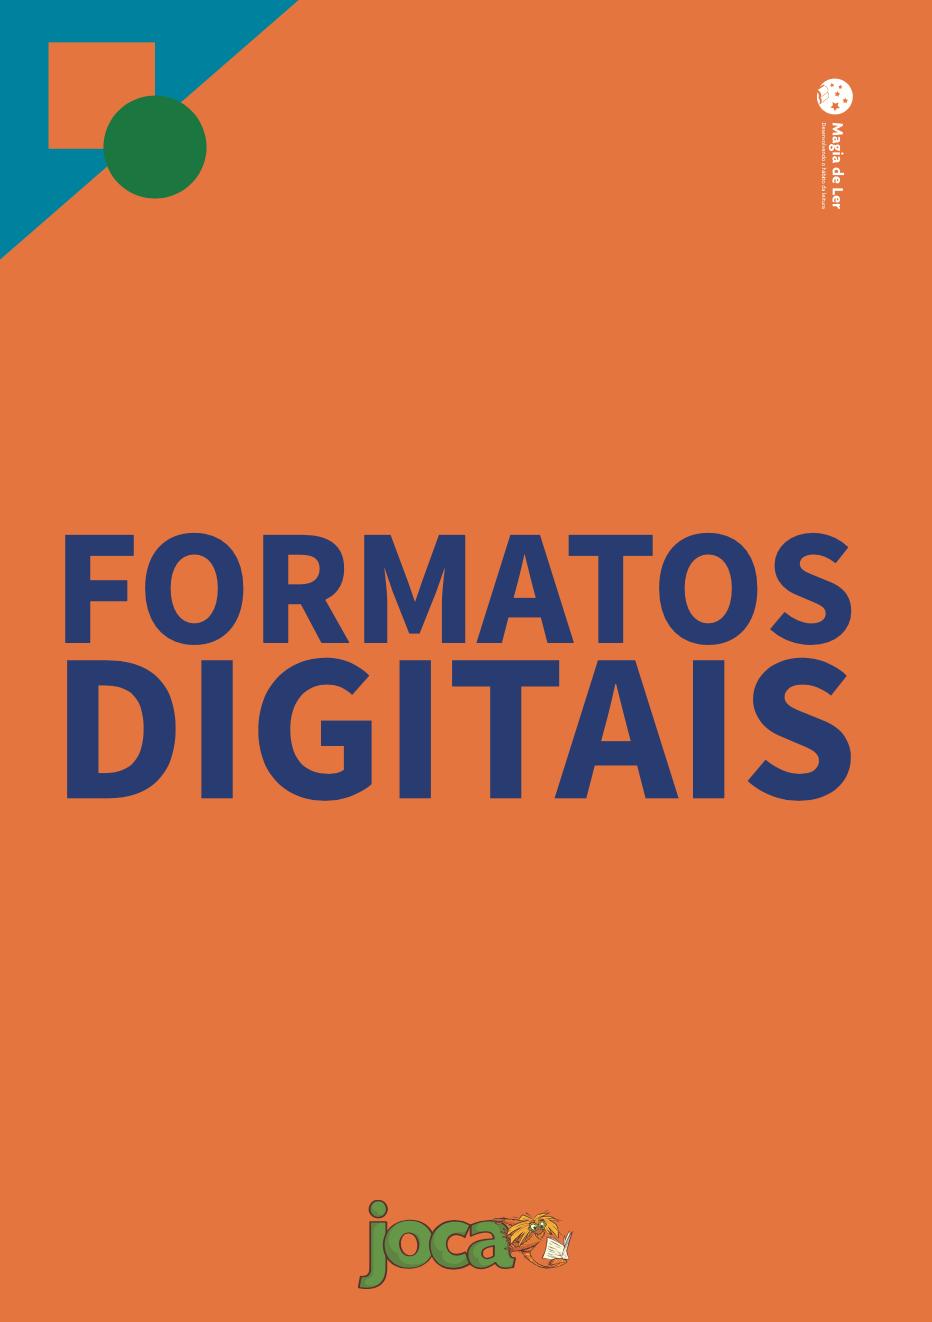 eixo publicidade, aula 2: formatos digitais